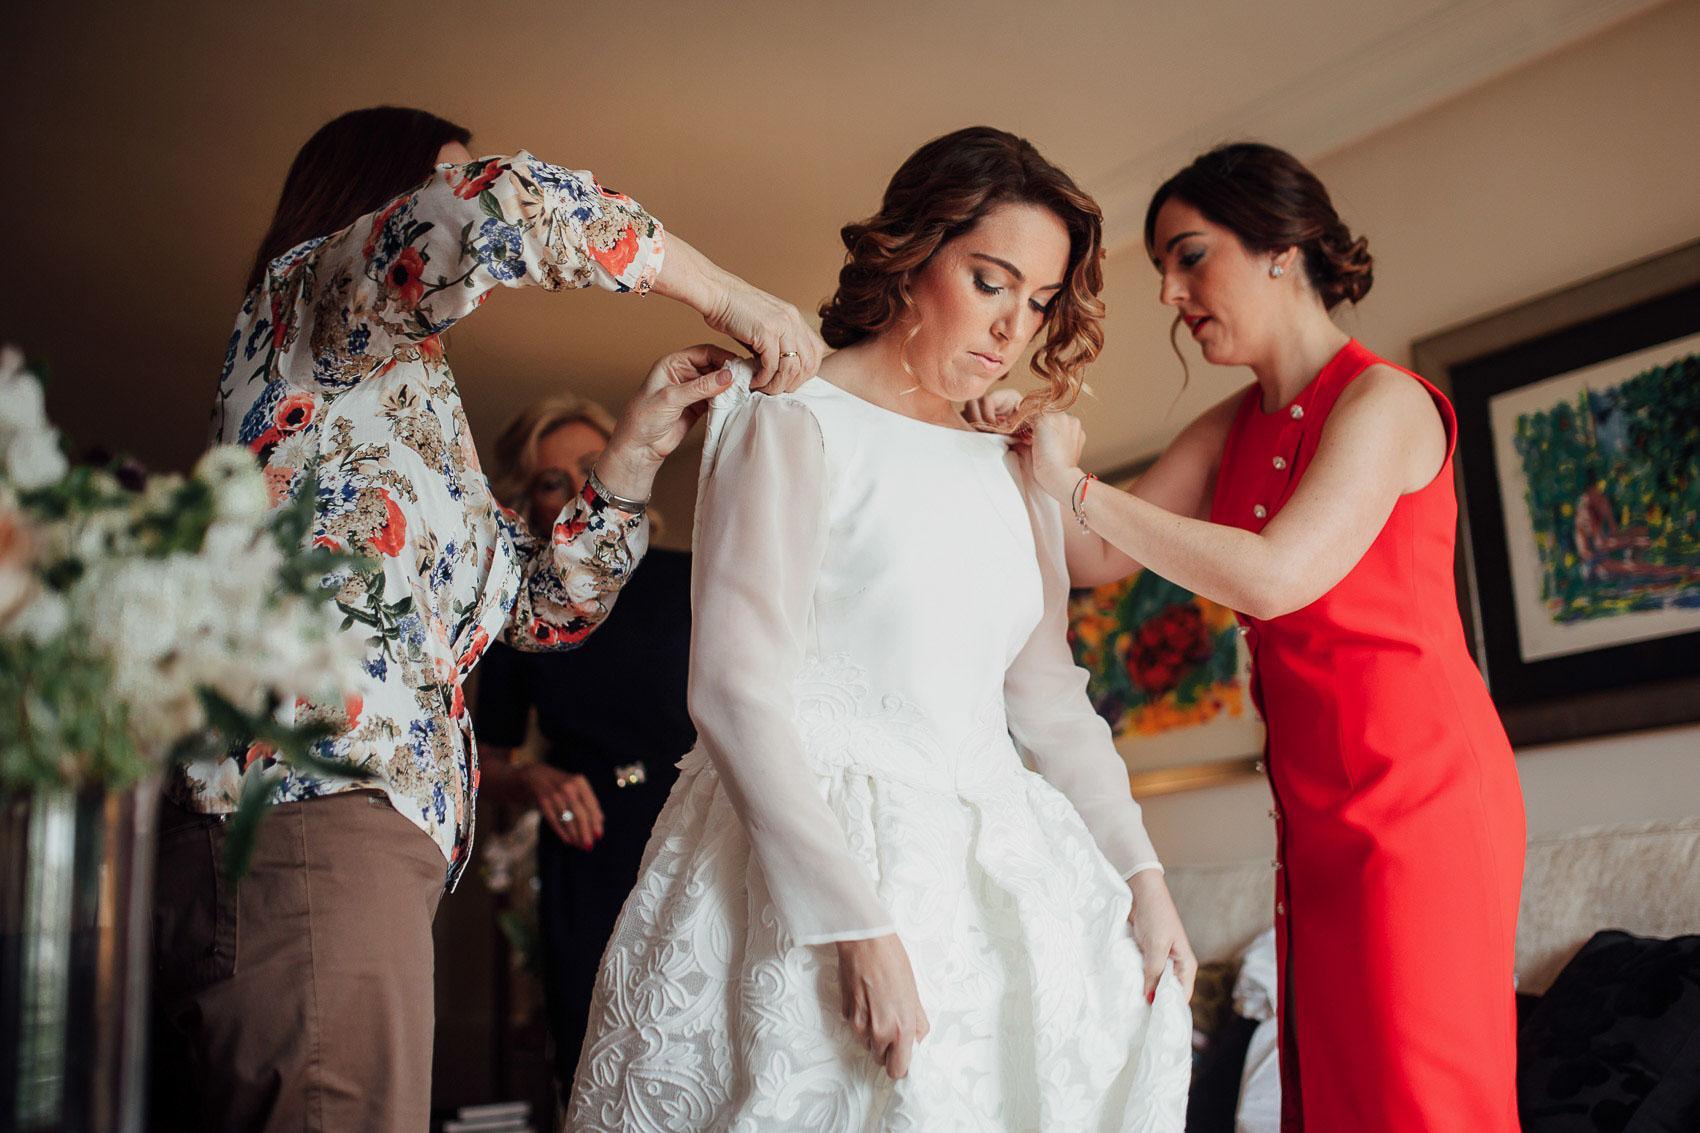 vistiendo novia detalles vestido novia blanco